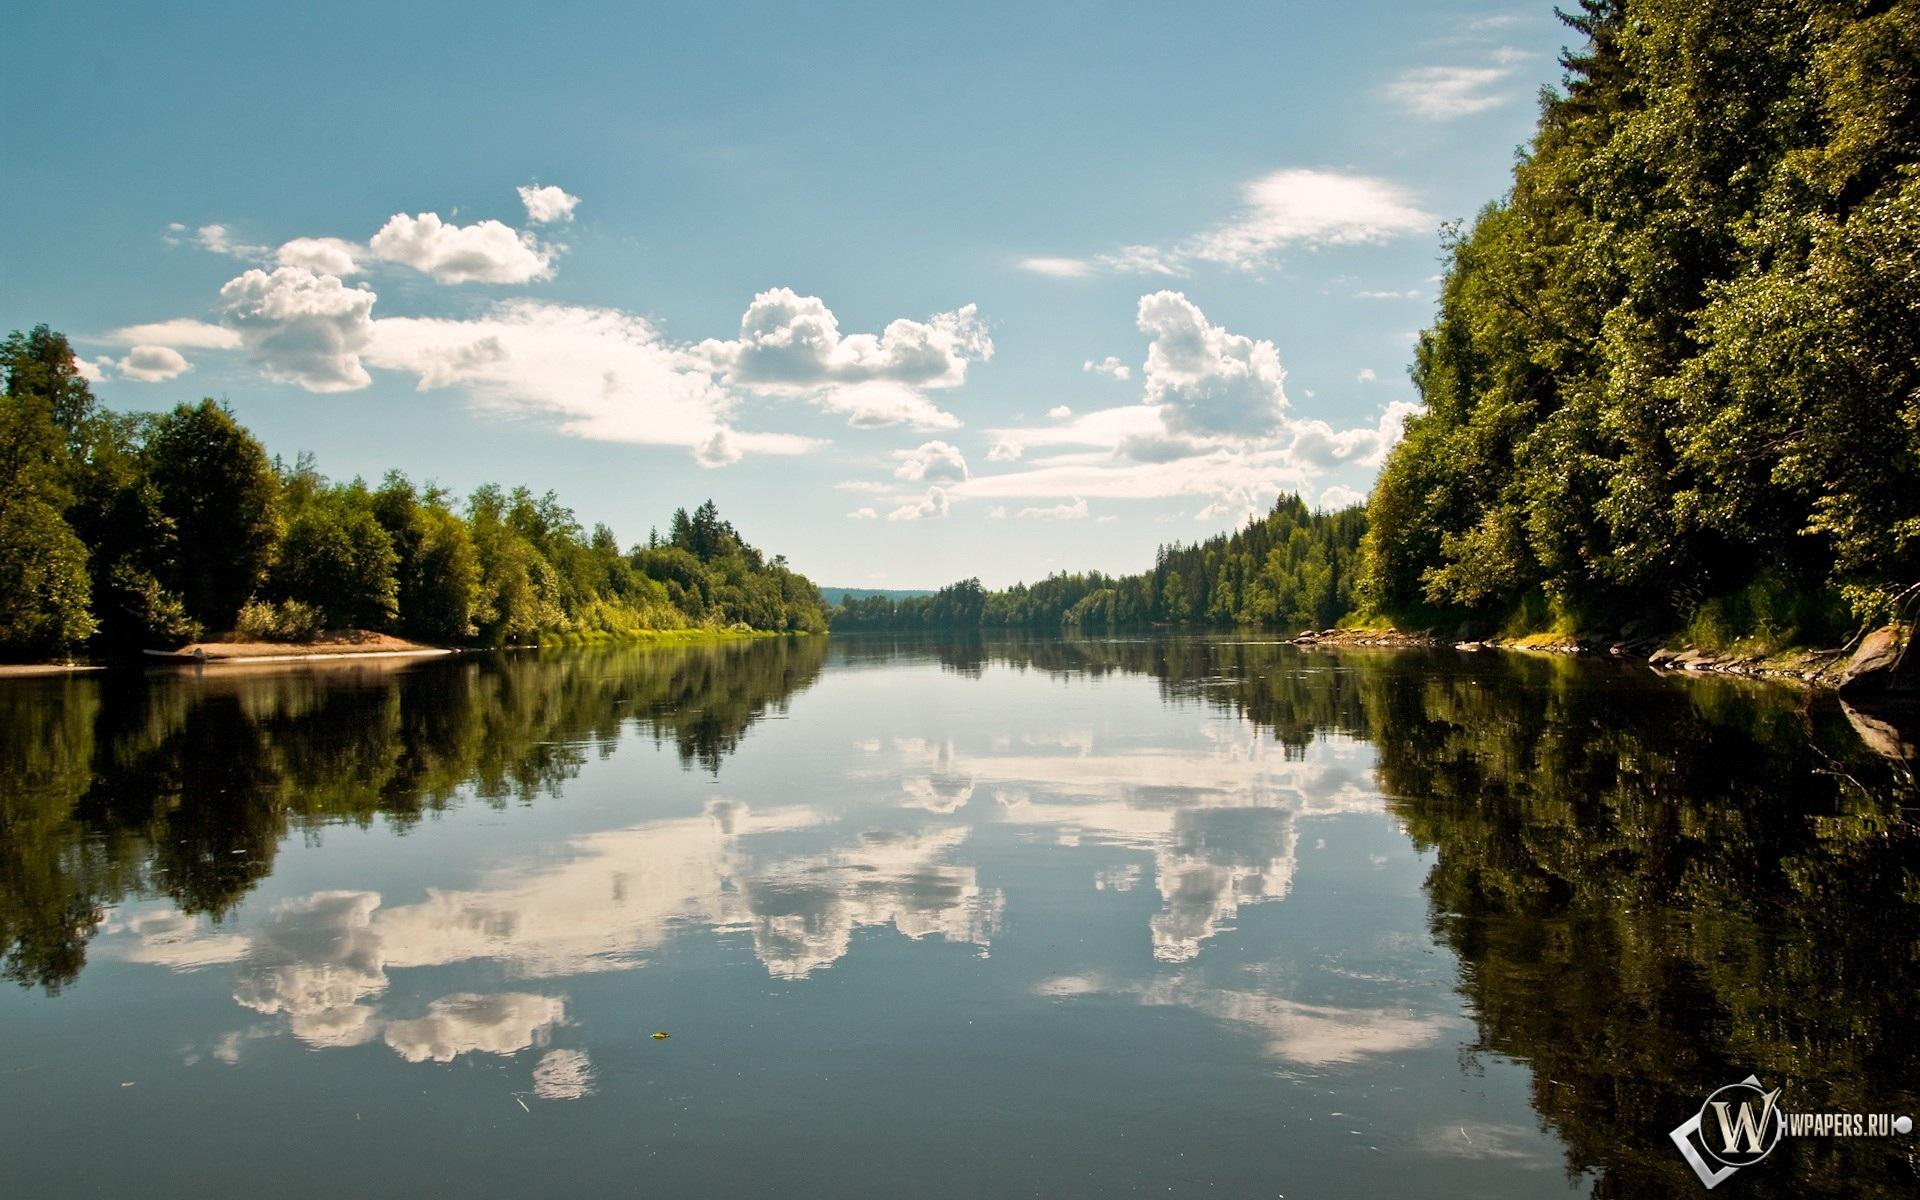 Отражение в реке 1920x1200